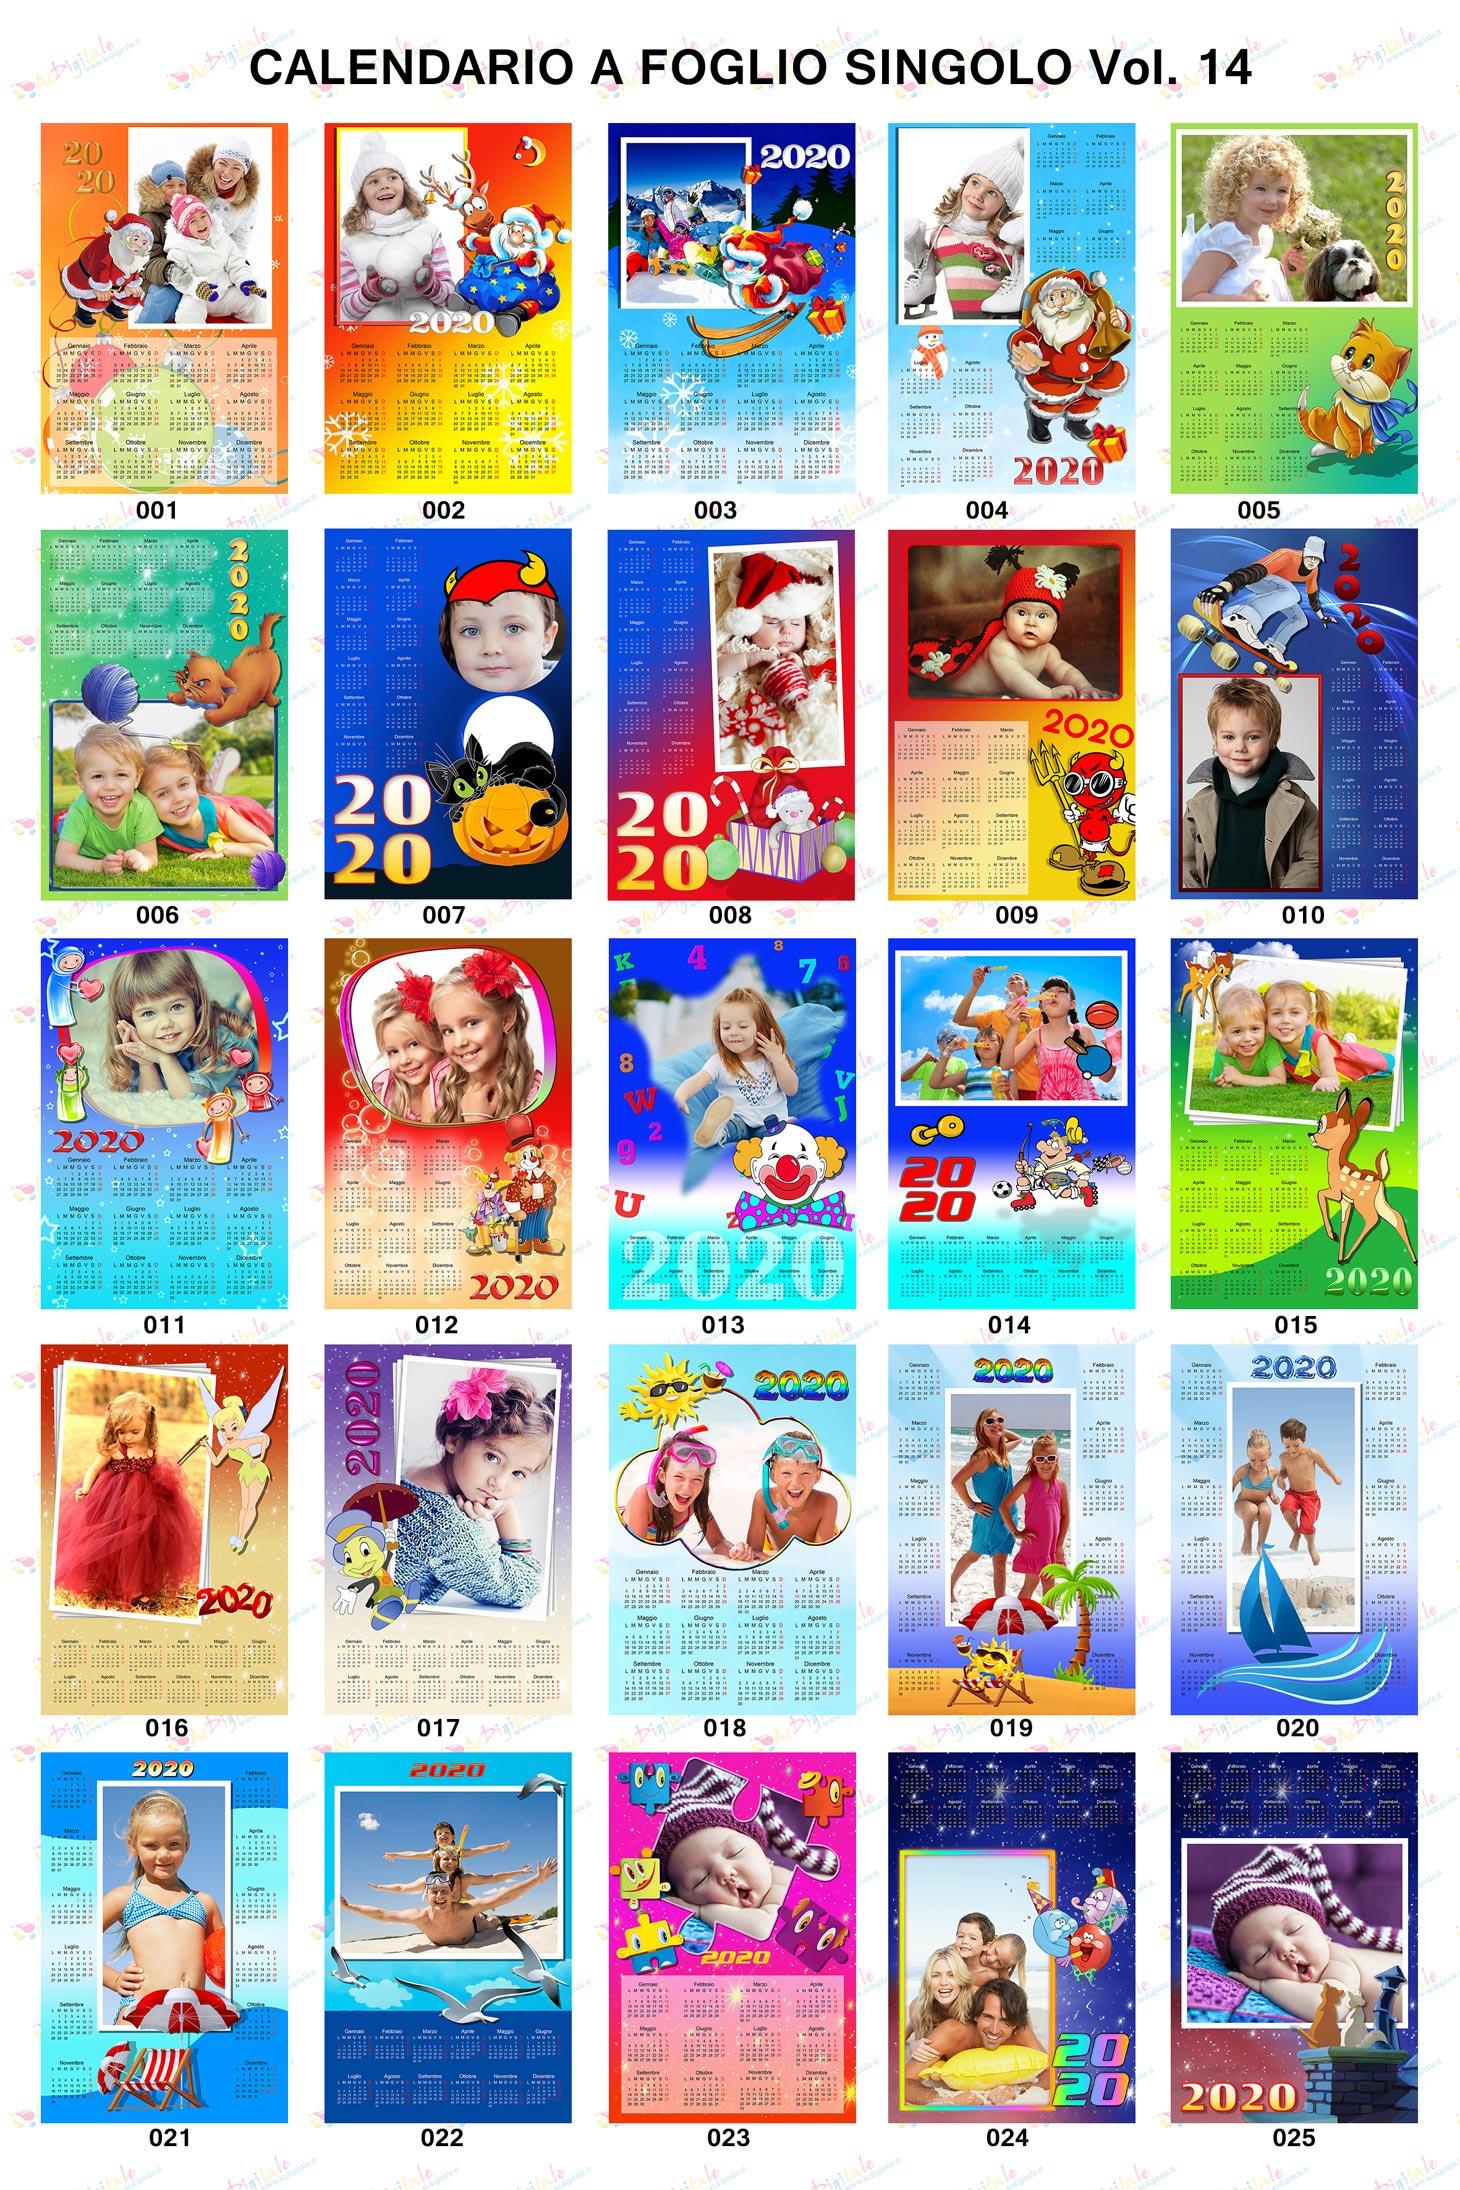 Anteprima calendari personalizzati 2020 volume 14